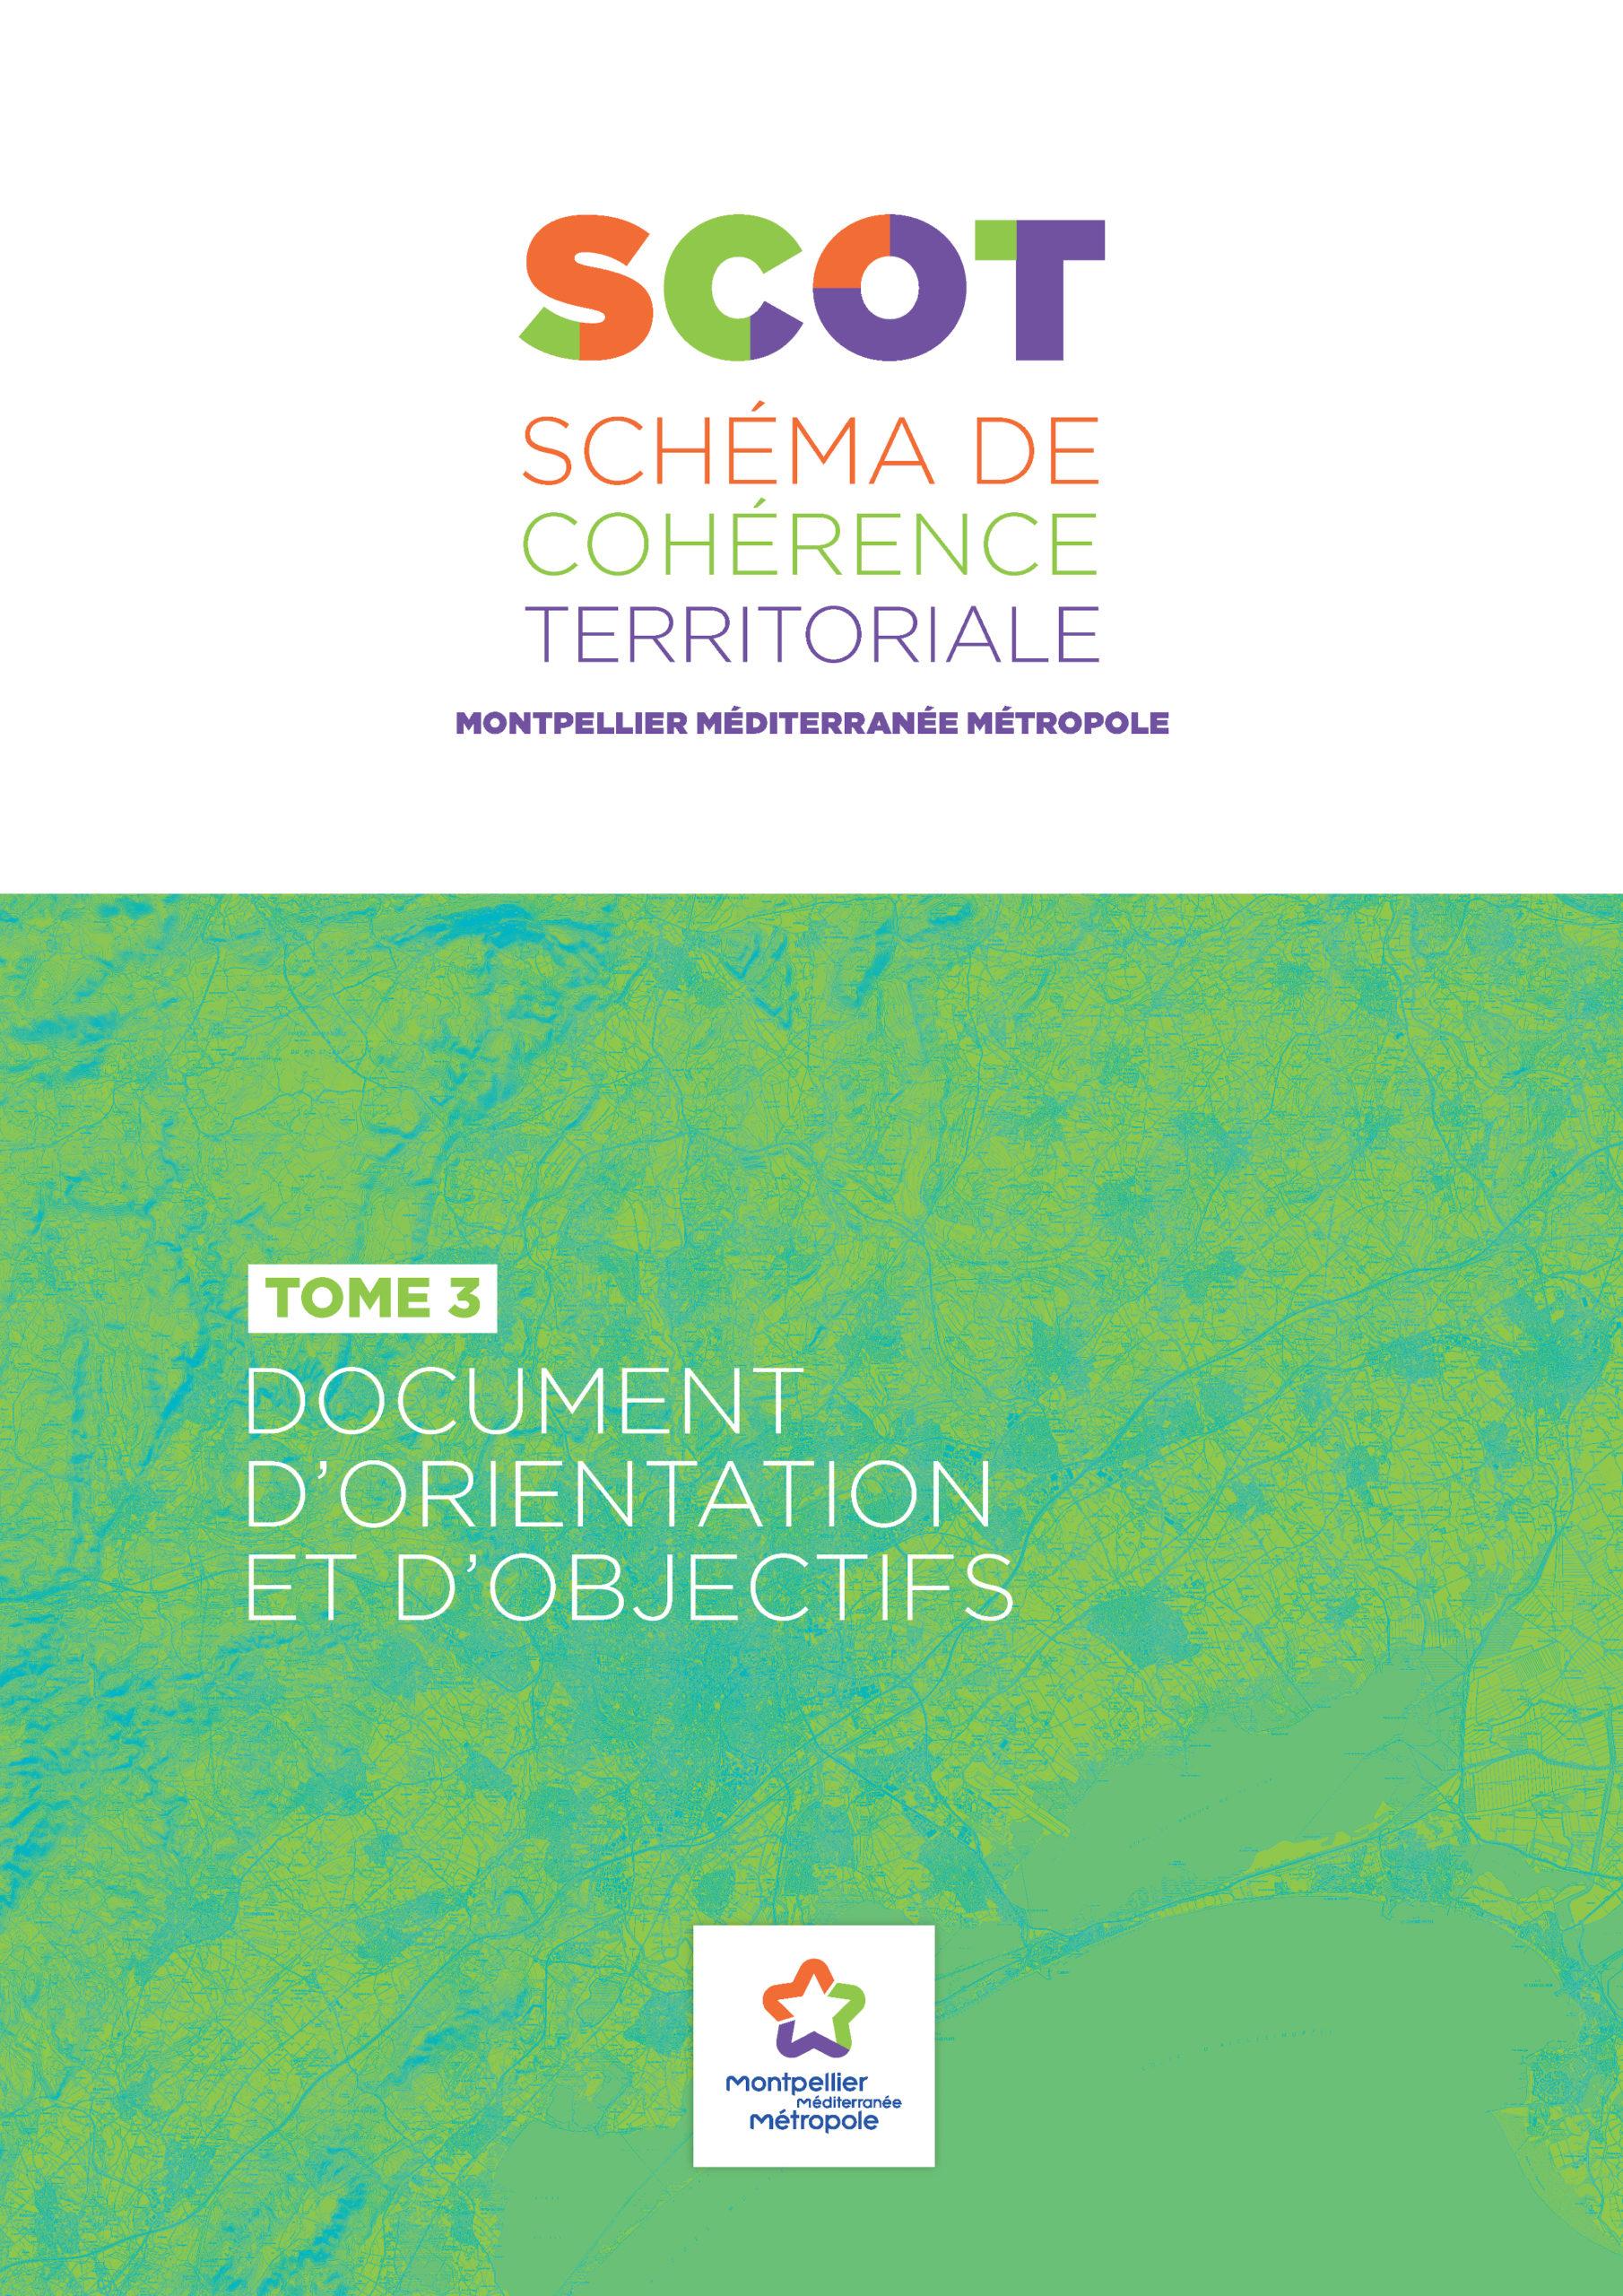 SCOT de la Métropole de Montpellier : Document d'Orientation et d'Objectifs